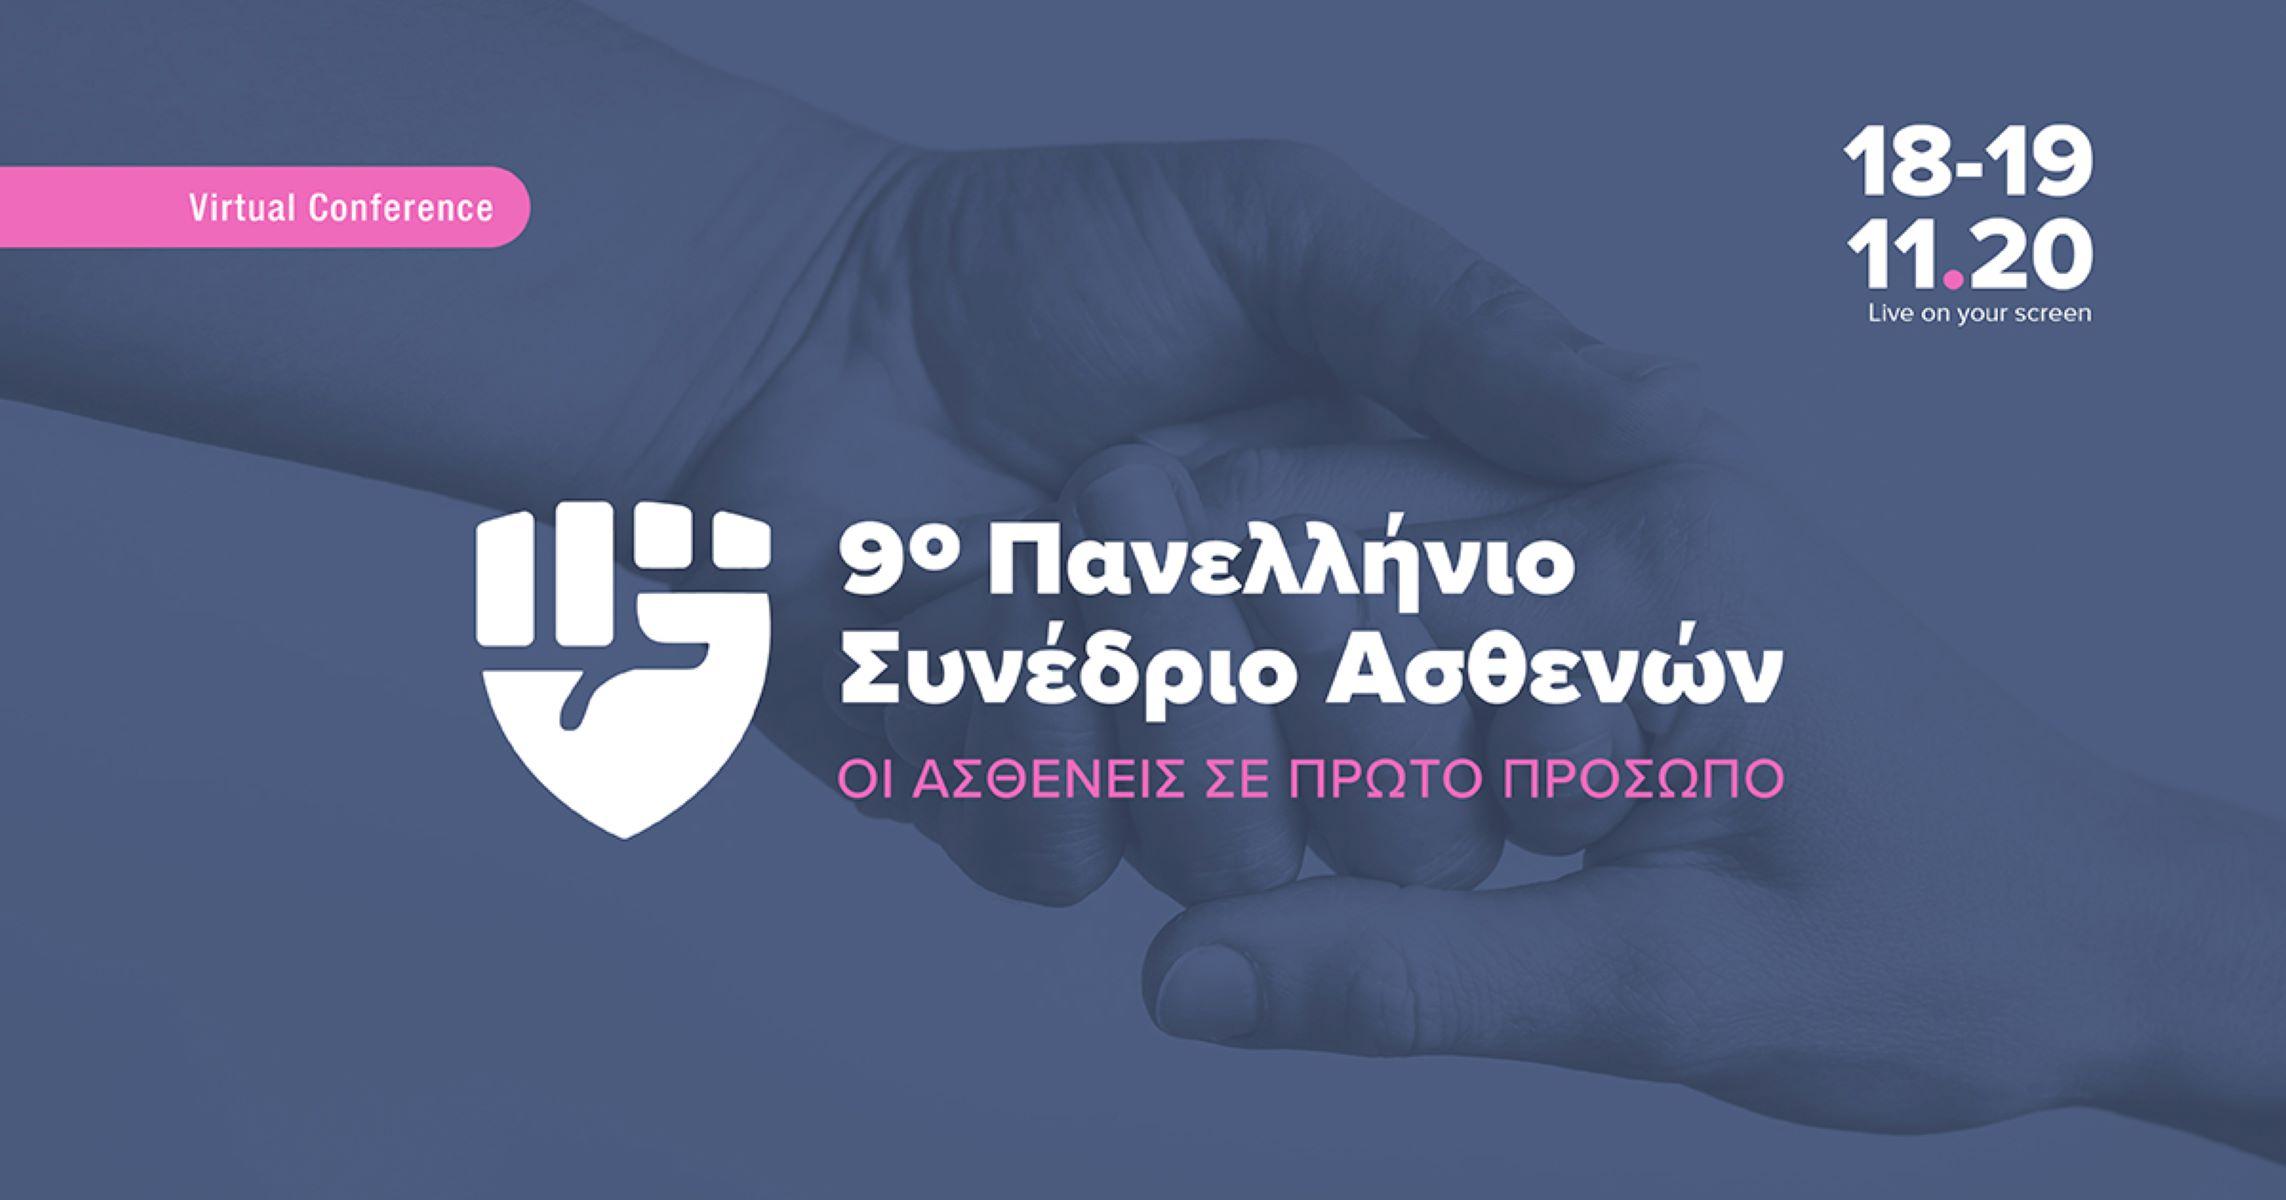 9ο Πανελλήνιο Συνέδριο Ασθενών: Οι ασθενείς σε πρώτο πρόσωπο